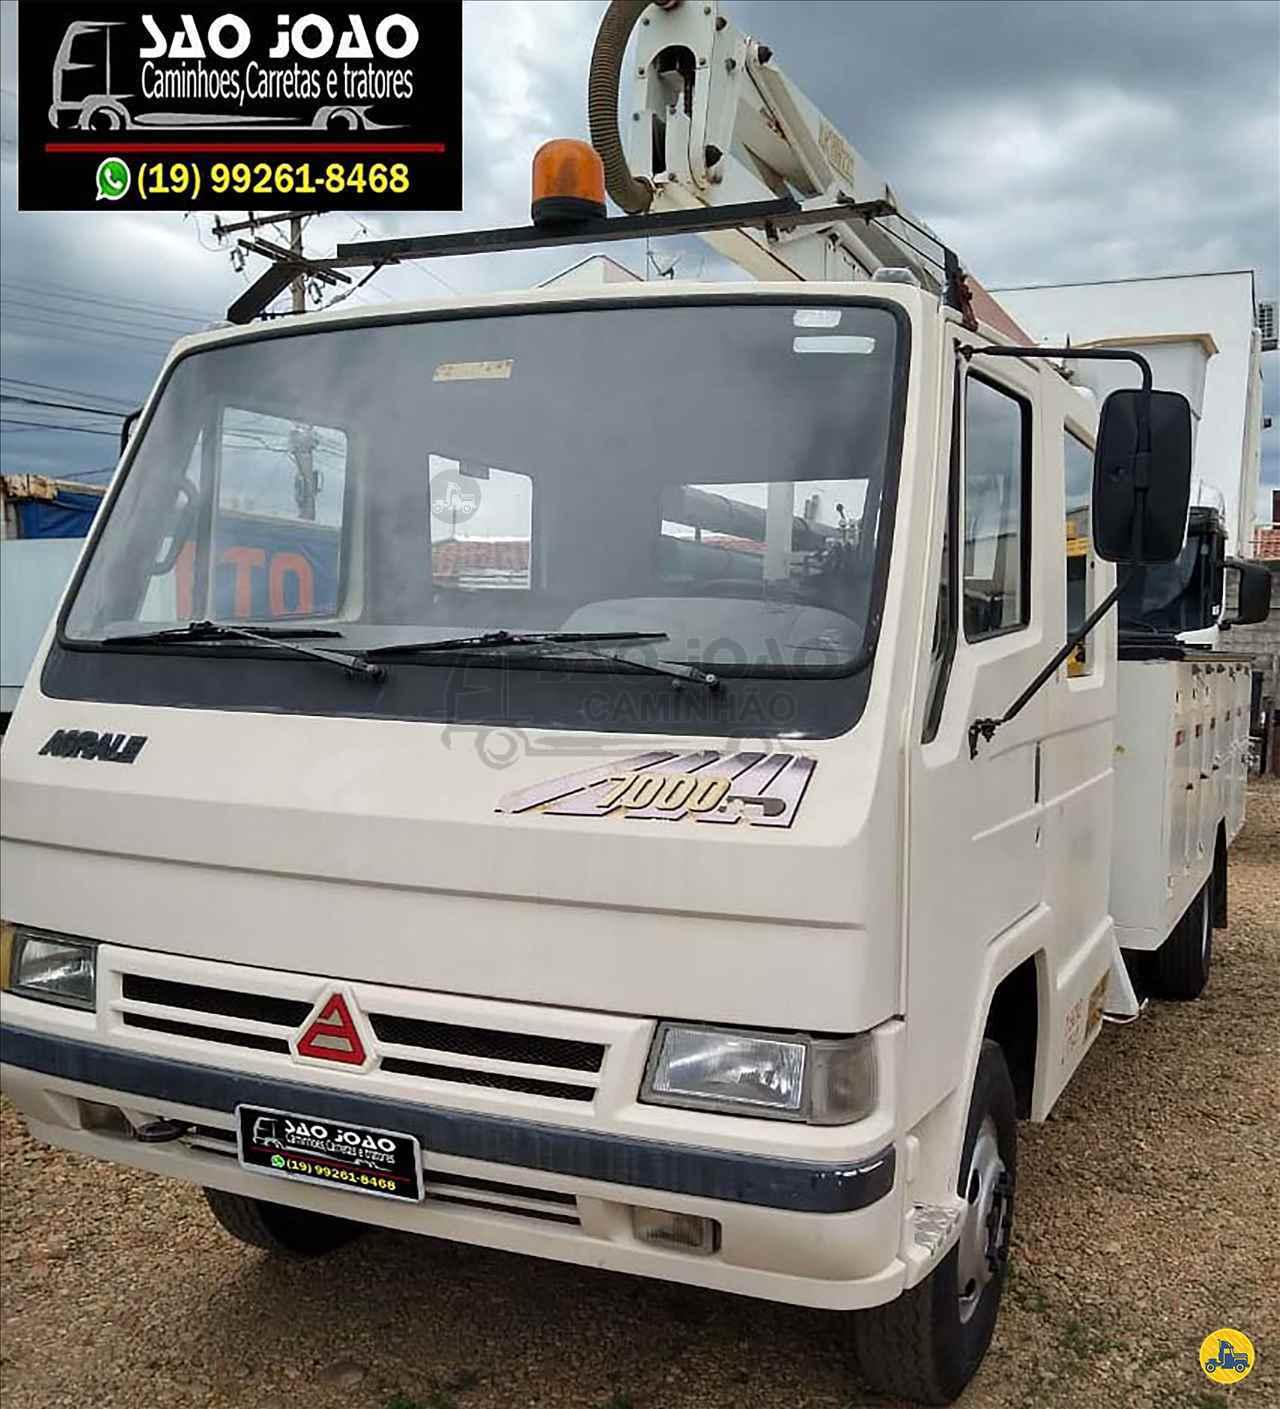 AGRALE 7000 de São João Caminhão - SAO JOAO DA BOA VISTA/SP